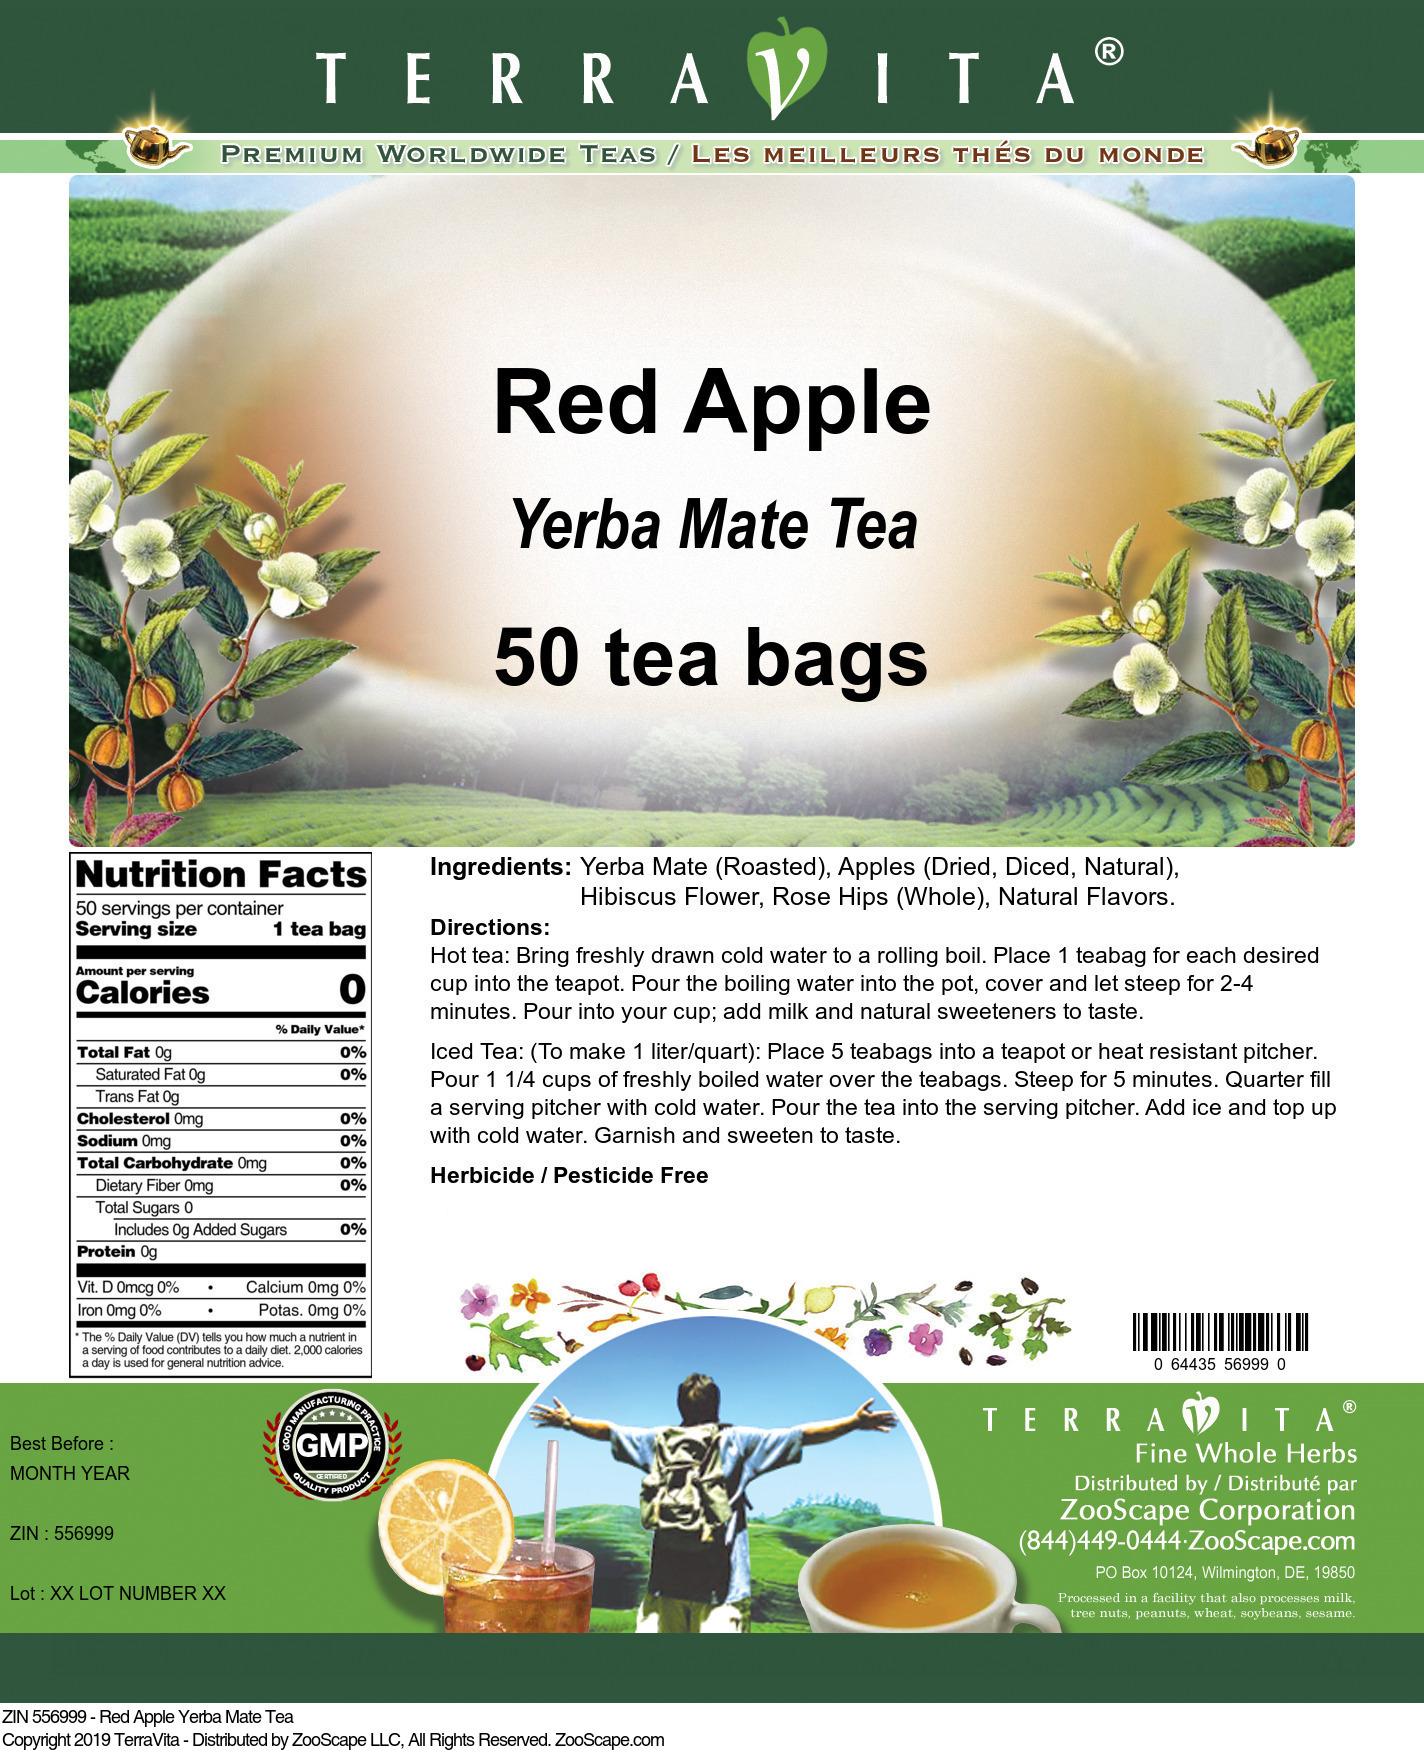 Red Apple Yerba Mate Tea